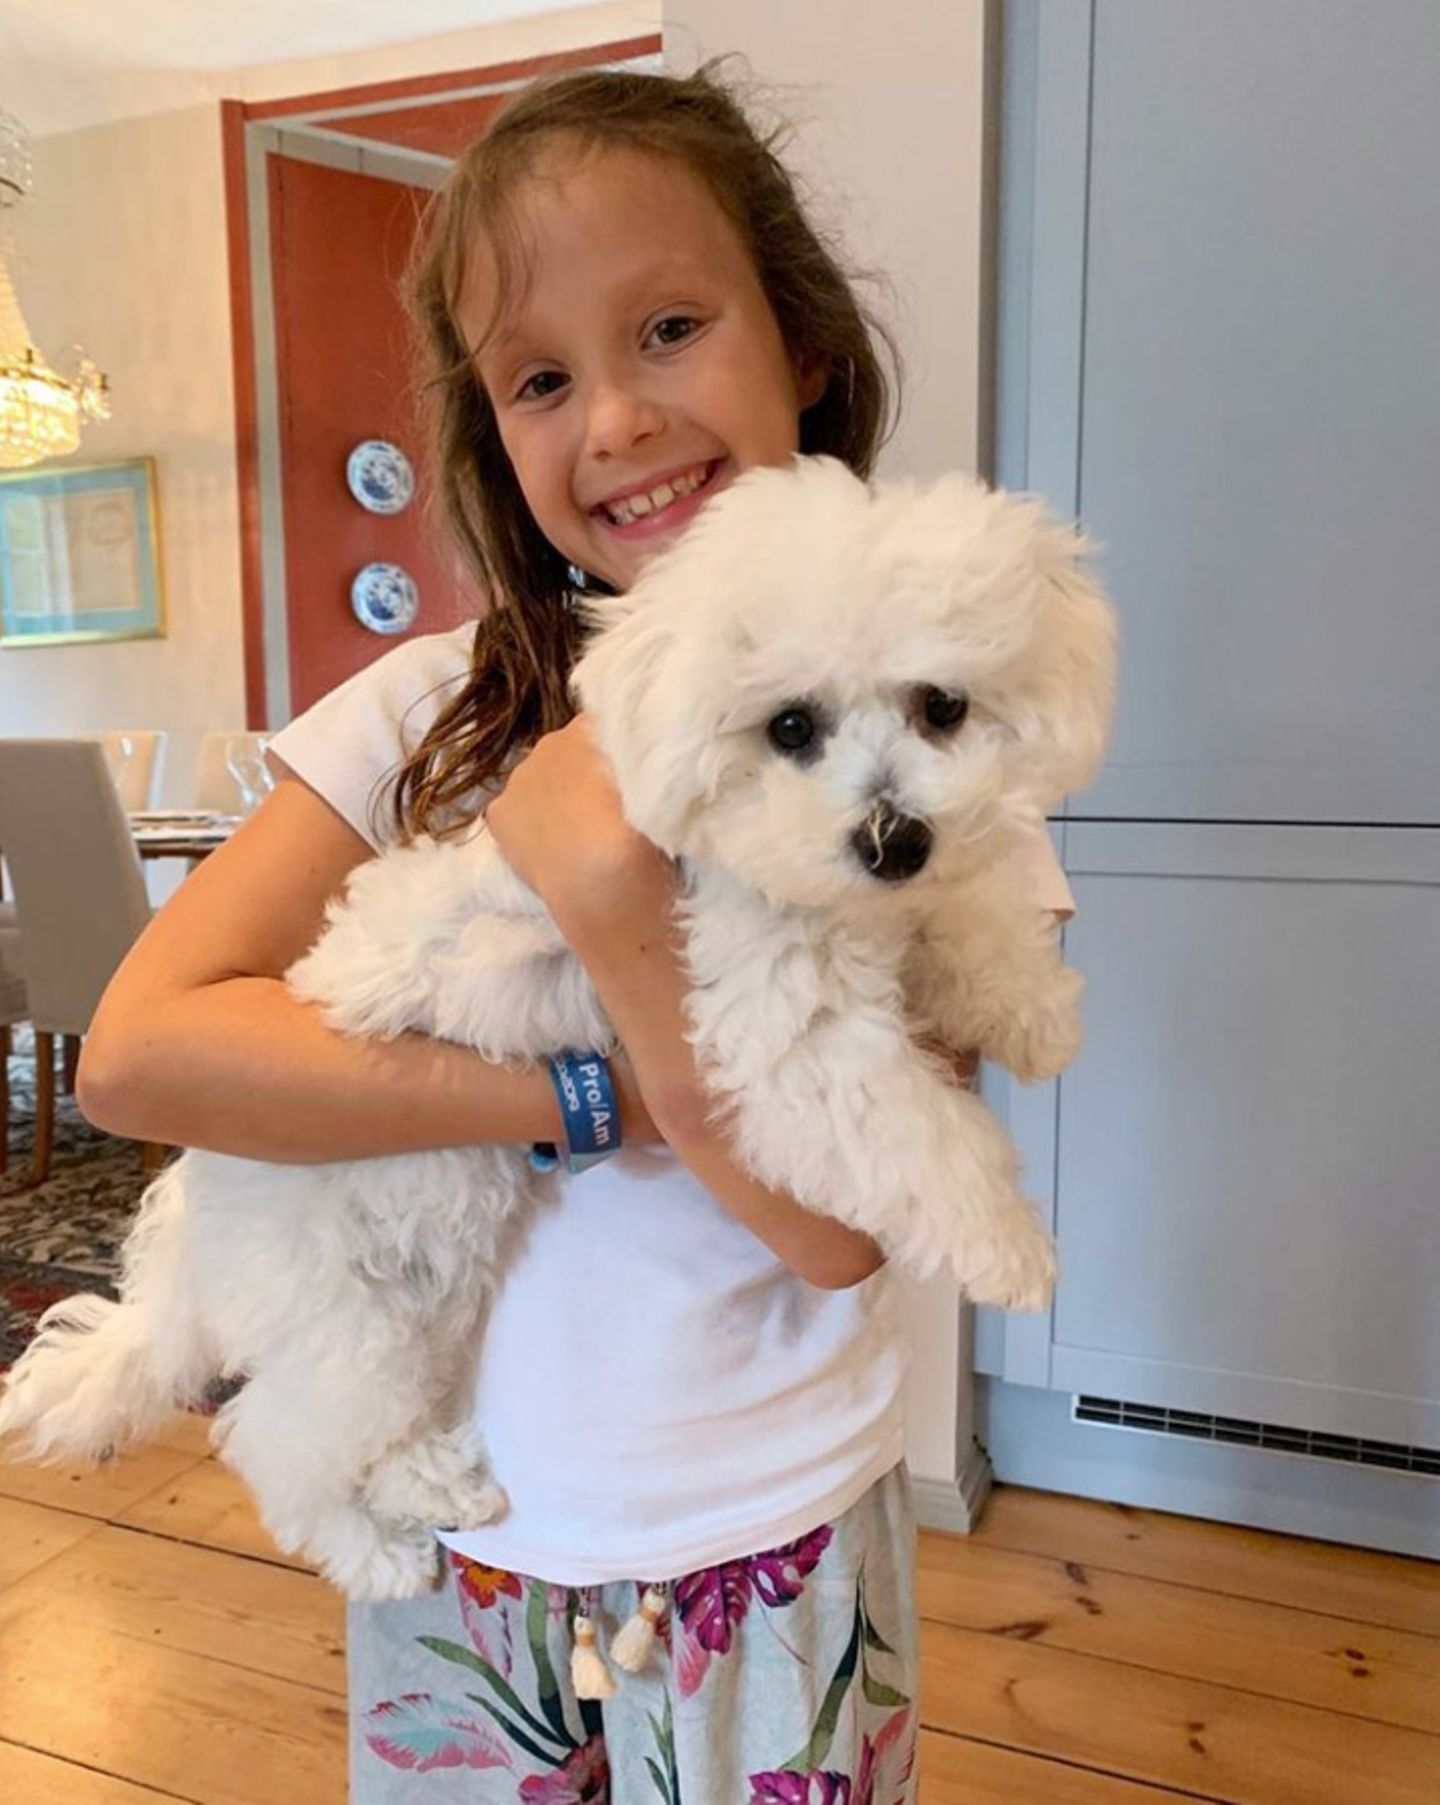 """21. August 2019  Stolz präsentiert Prinzessin Athena das neue, kuschelige Familienmitglied:Der kleine Hund ist eine Bichon Frisé namens Cerise, was übersetzt """"Kirsche"""" bedeutet. Damit bleiben Prinzessin Marieund Prinz Joachim ihrer Tradition treu, denn ihr verstorbener Hund hieß bereits """"Apple""""."""